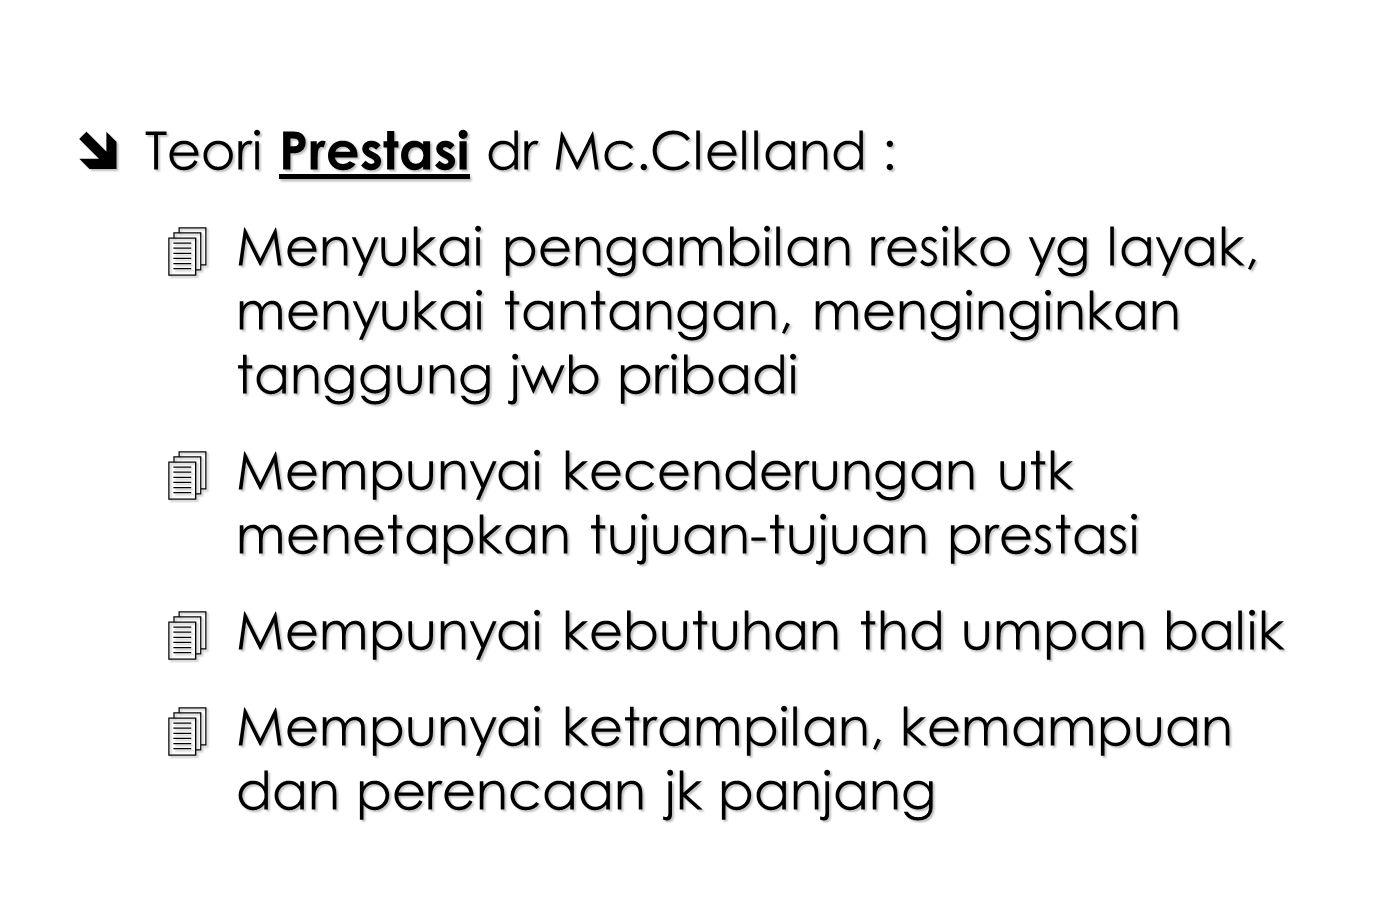 Teori Prestasi dr Mc.Clelland :